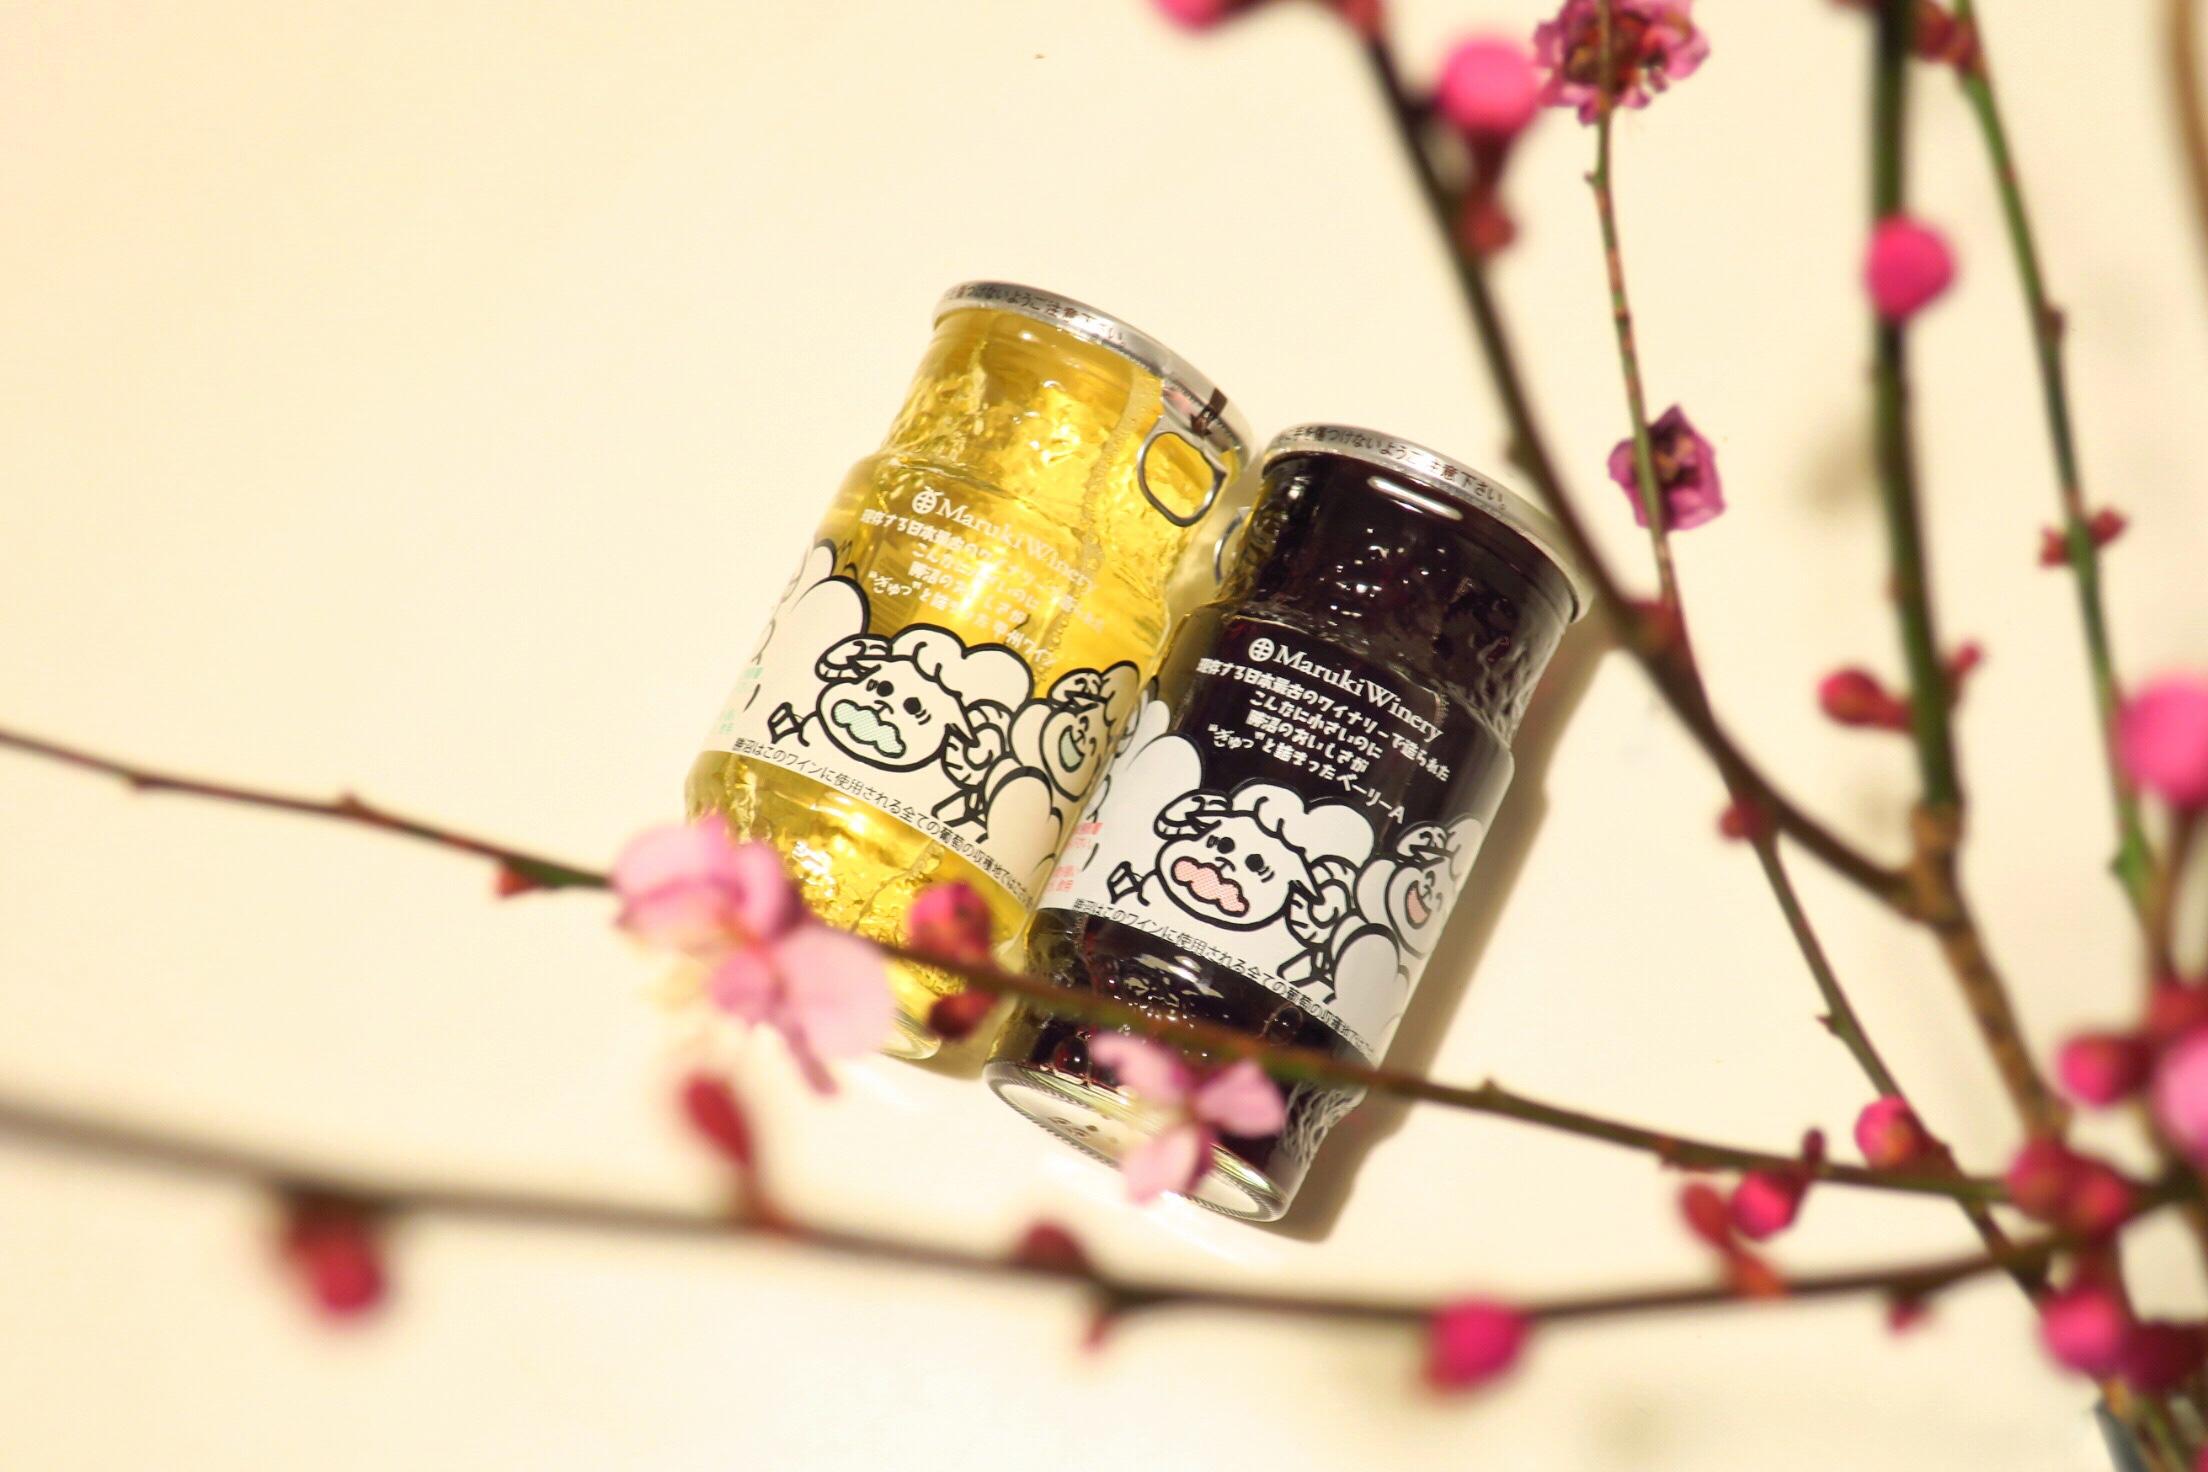 お花見にぴったり!ミニサイズがうれしいワイン&桜のエチケットが華やかなロゼワイン